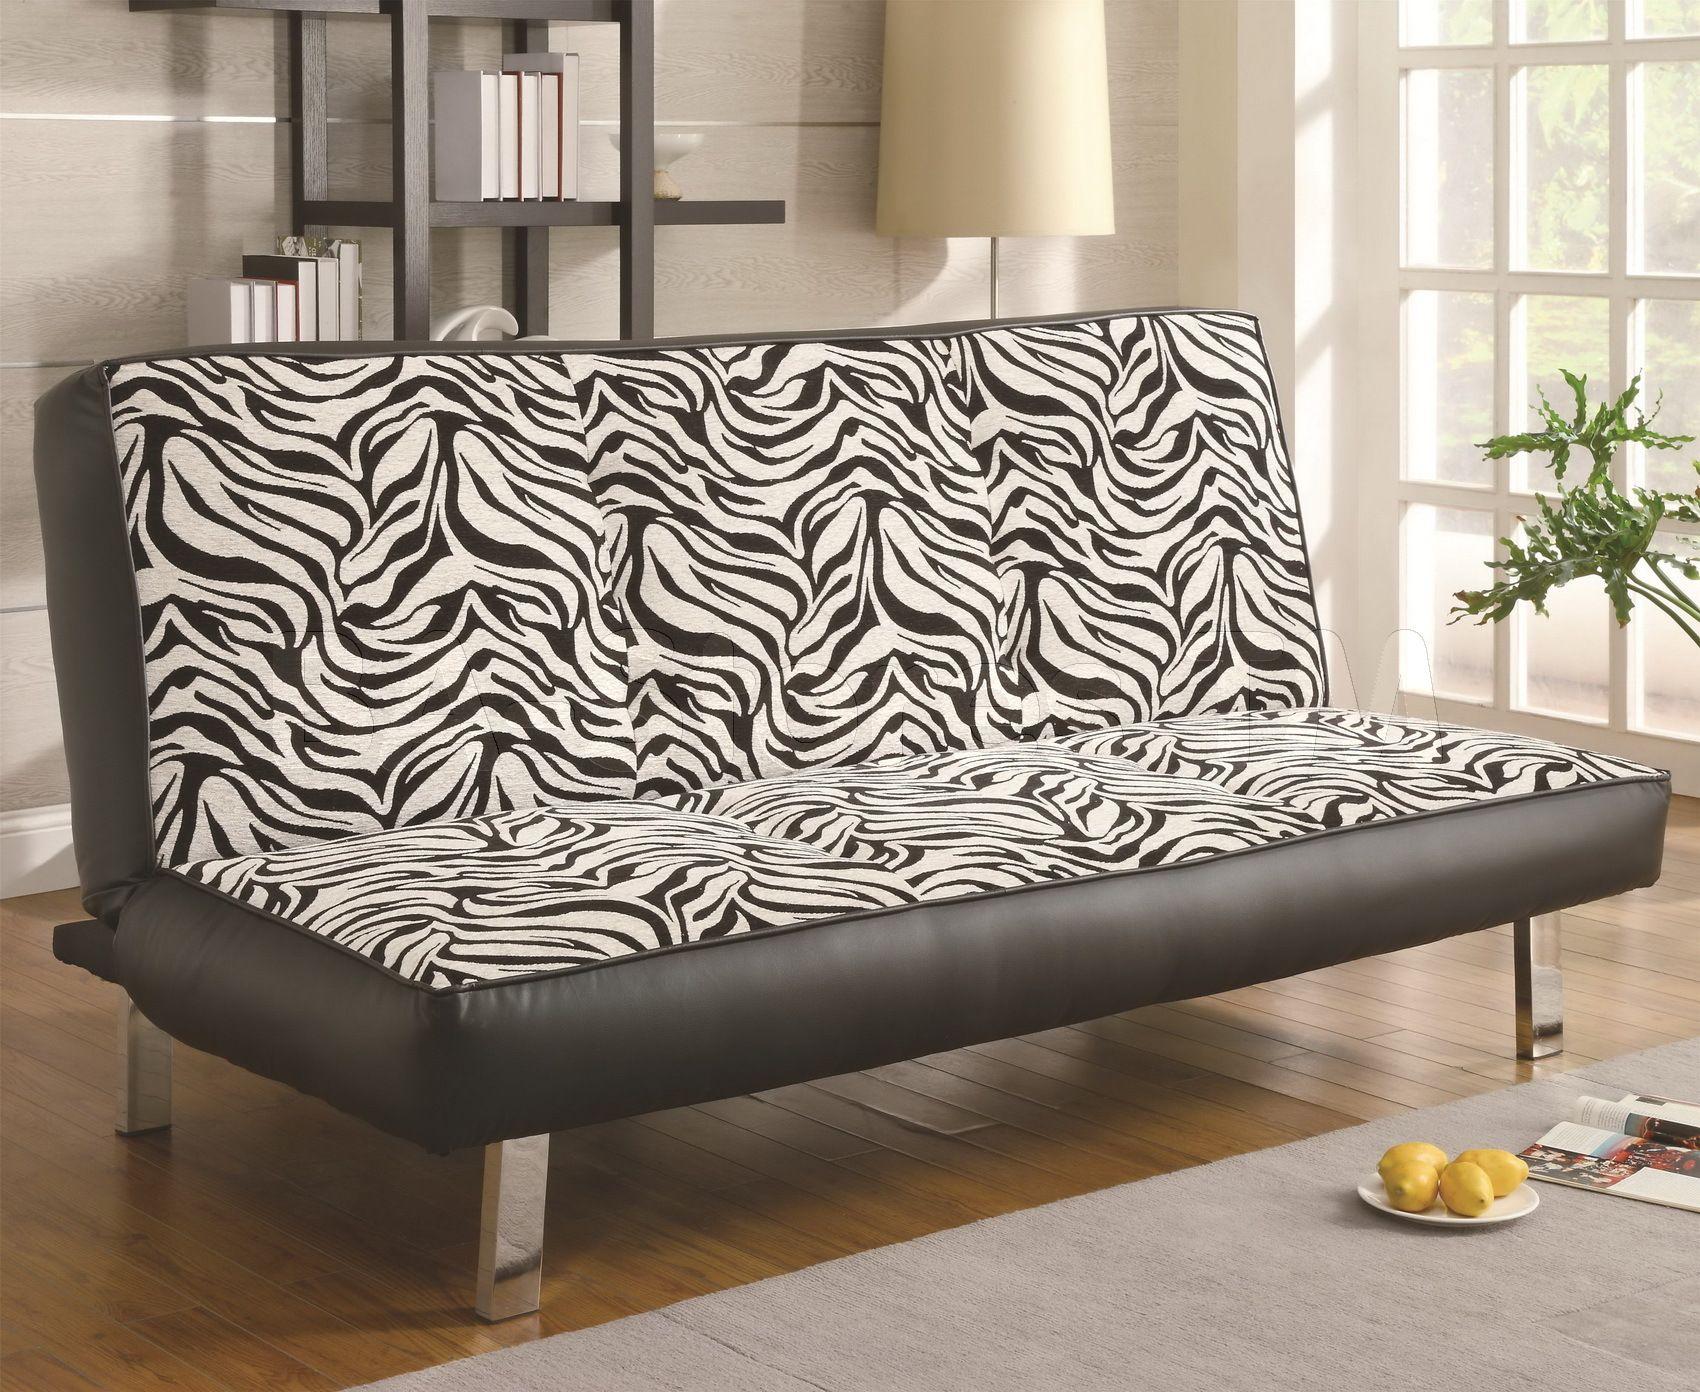 Uratex Sofa Bed Couch En 2020